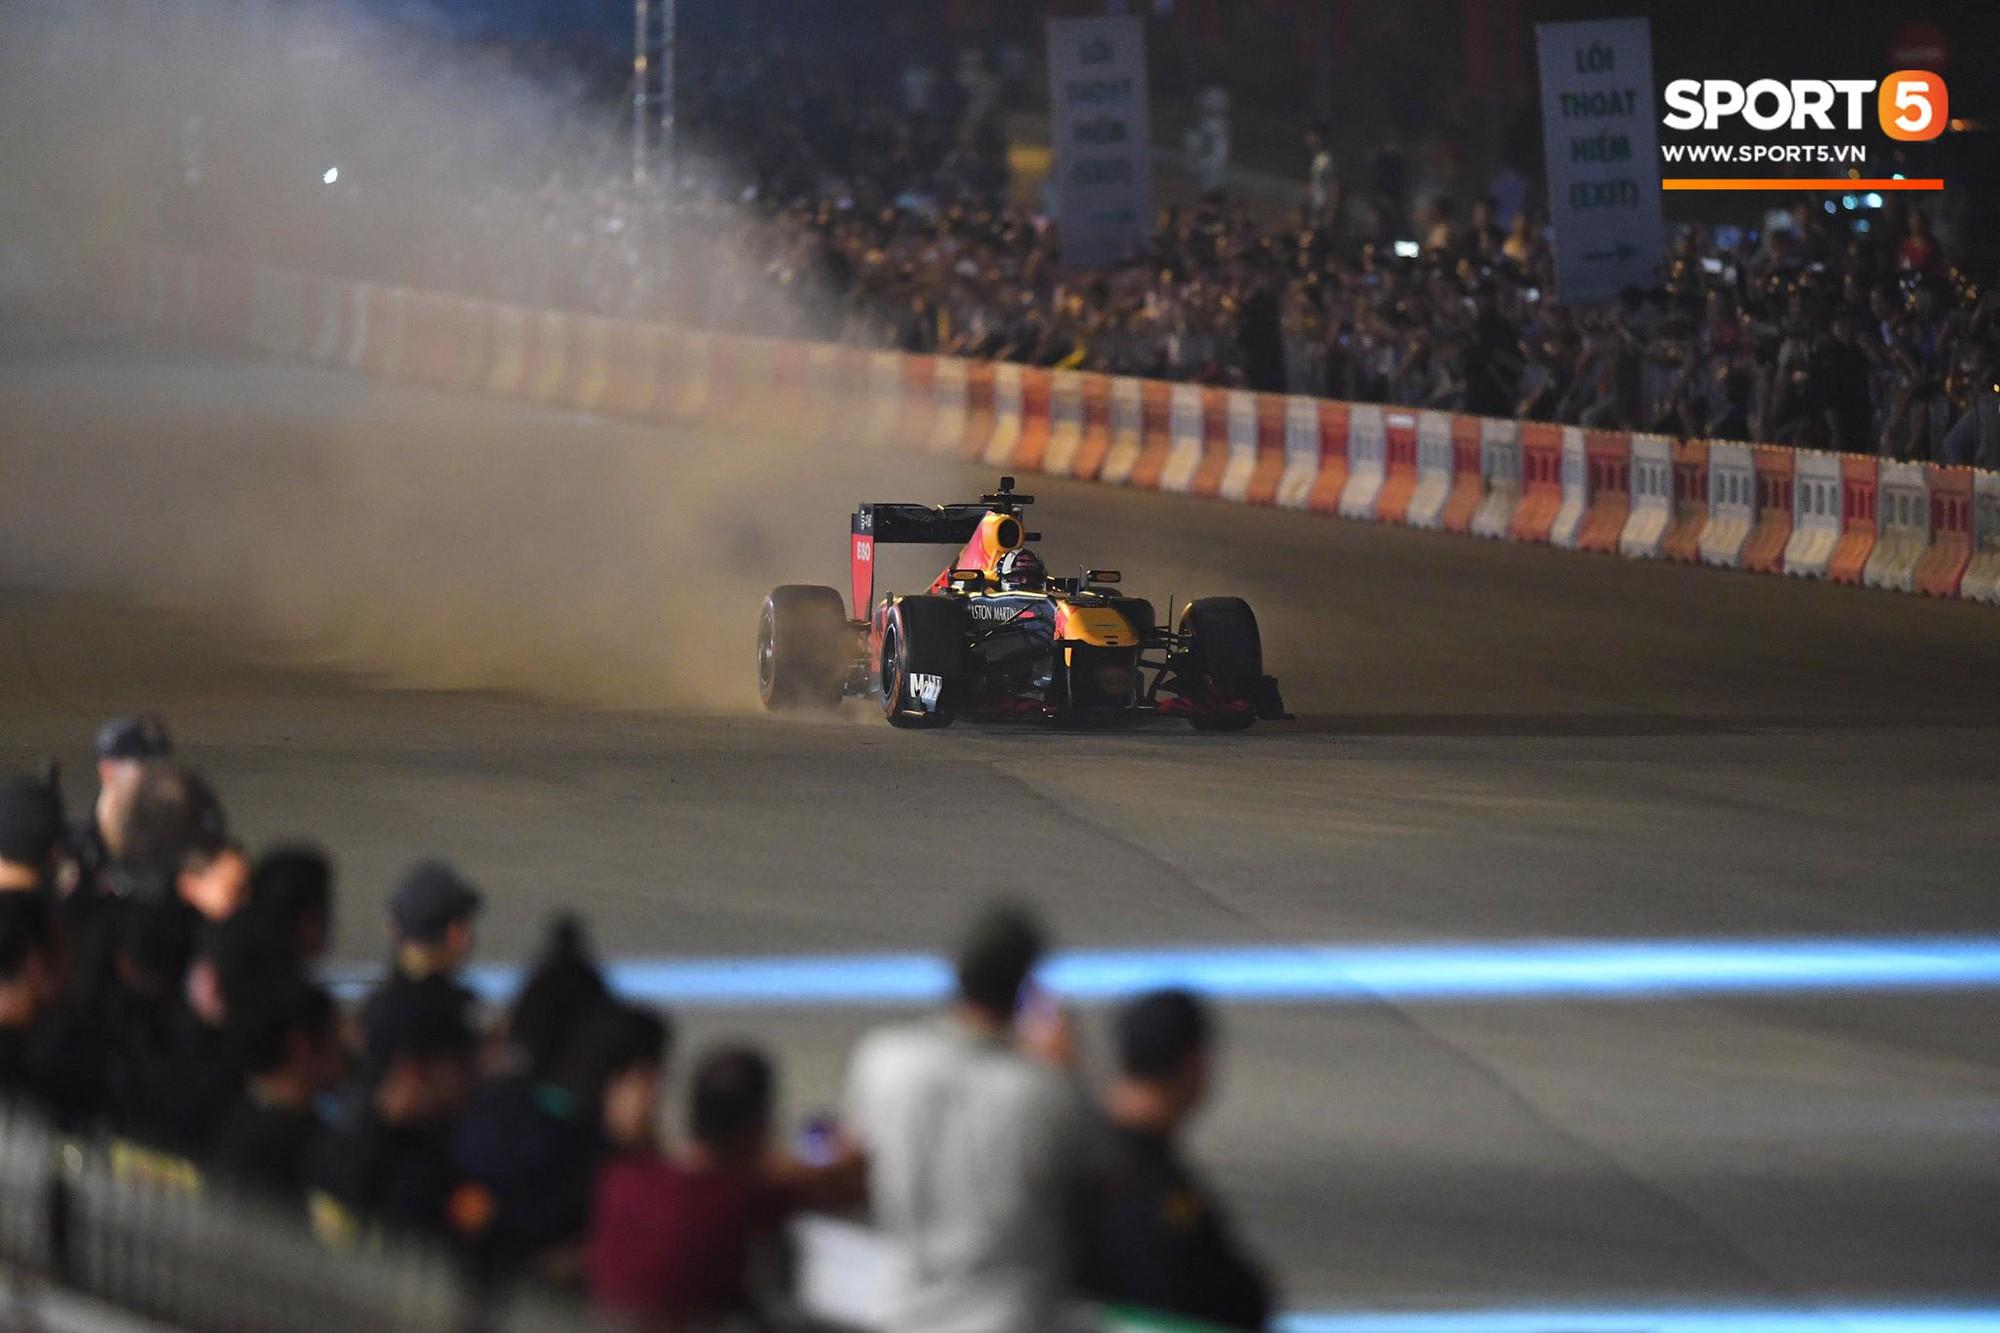 Sự kiện Khởi động F1 Việt Nam Grand Prix: Hoành tráng, mãn nhãn và đầy hứa hẹn - Ảnh 11.